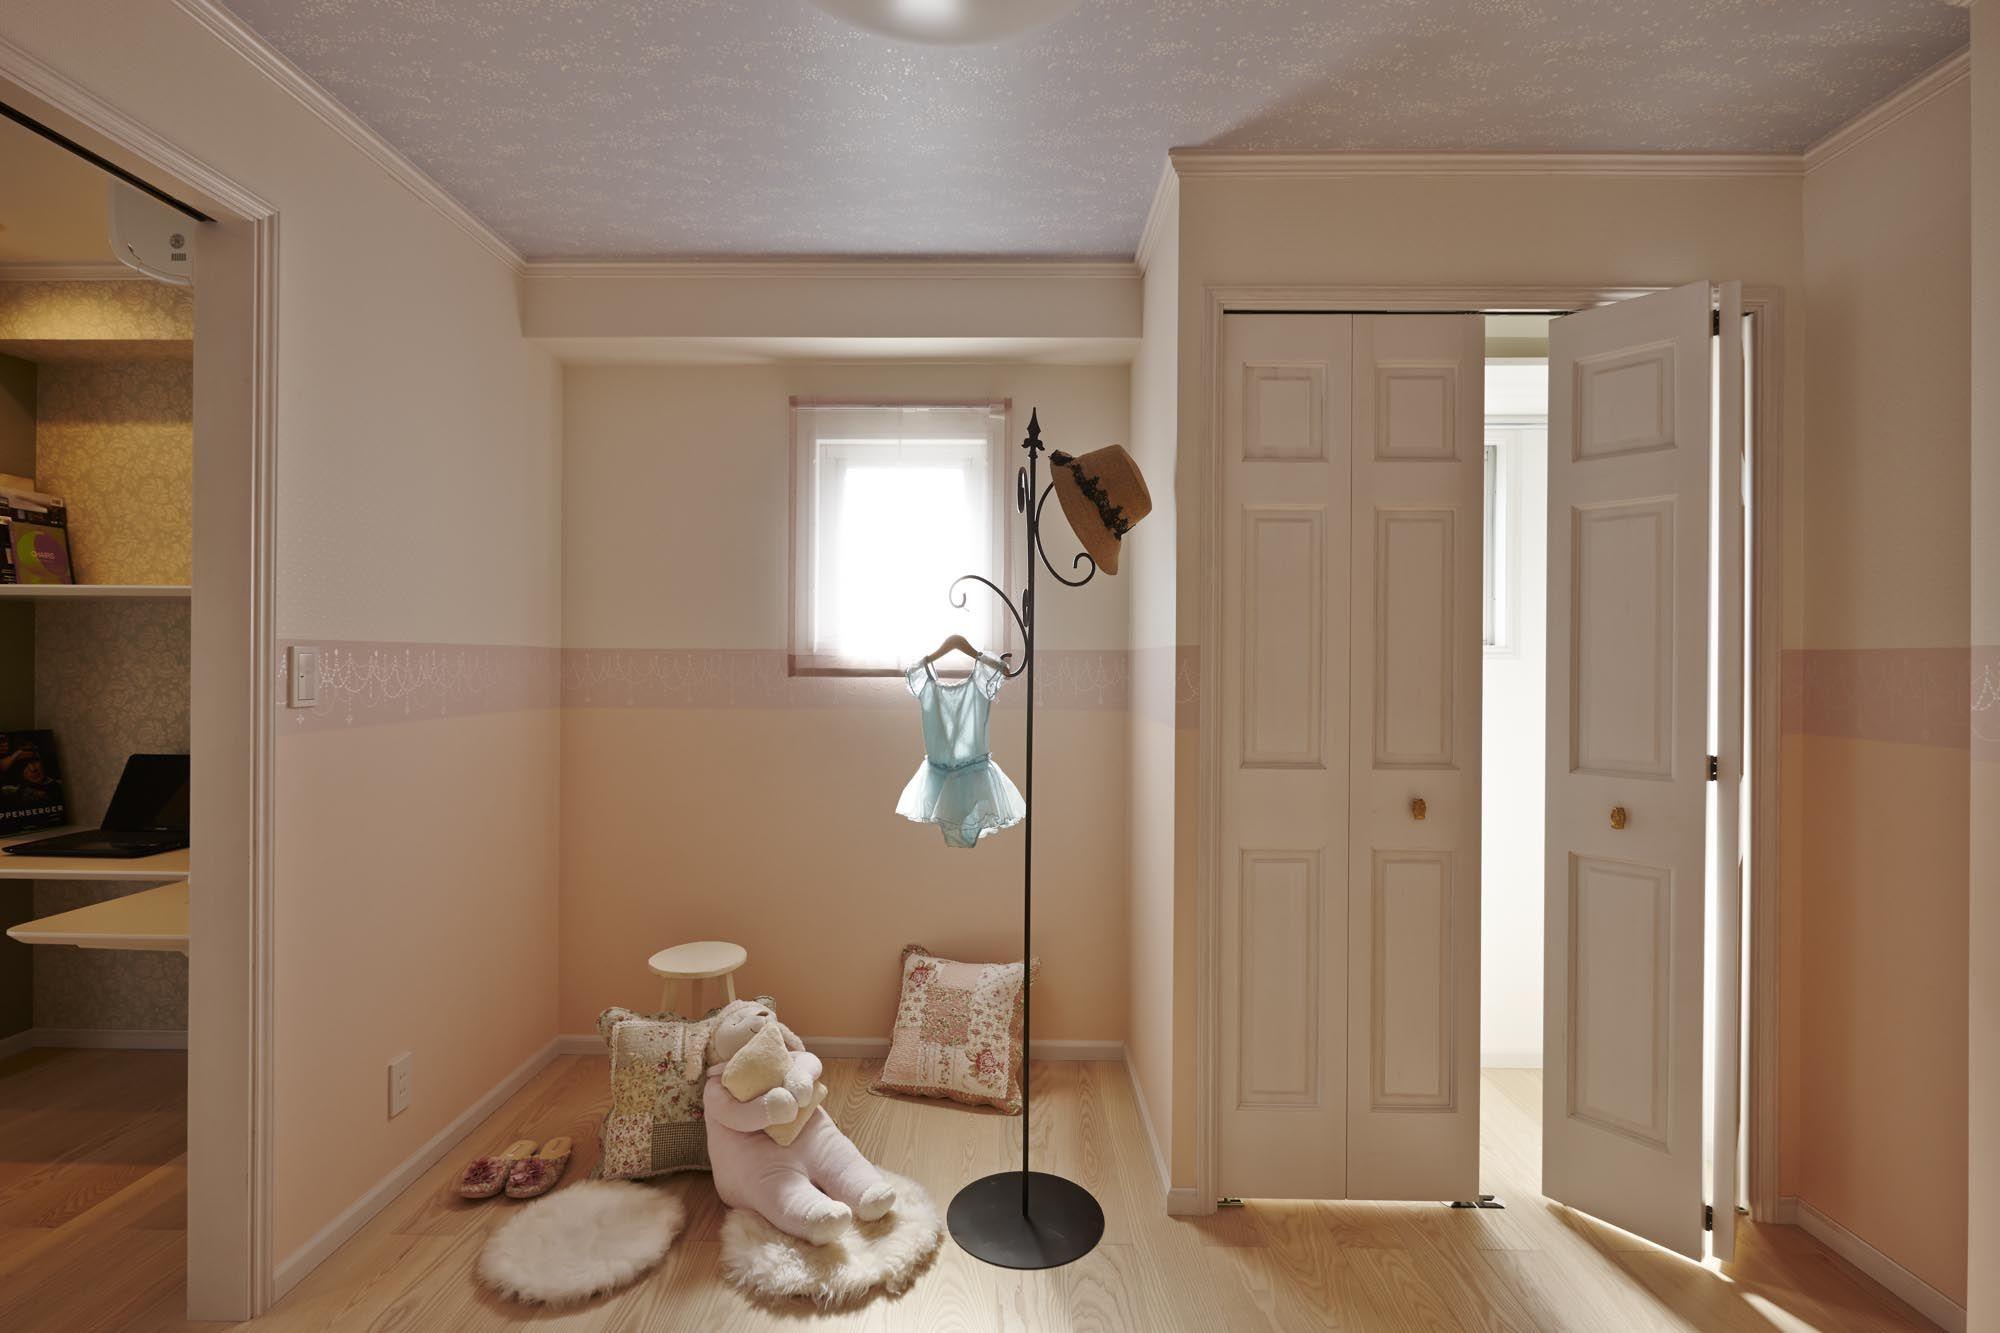 淡いピンク色でまとめた子供部屋 壁紙はボーダークロスを挟んで上下で